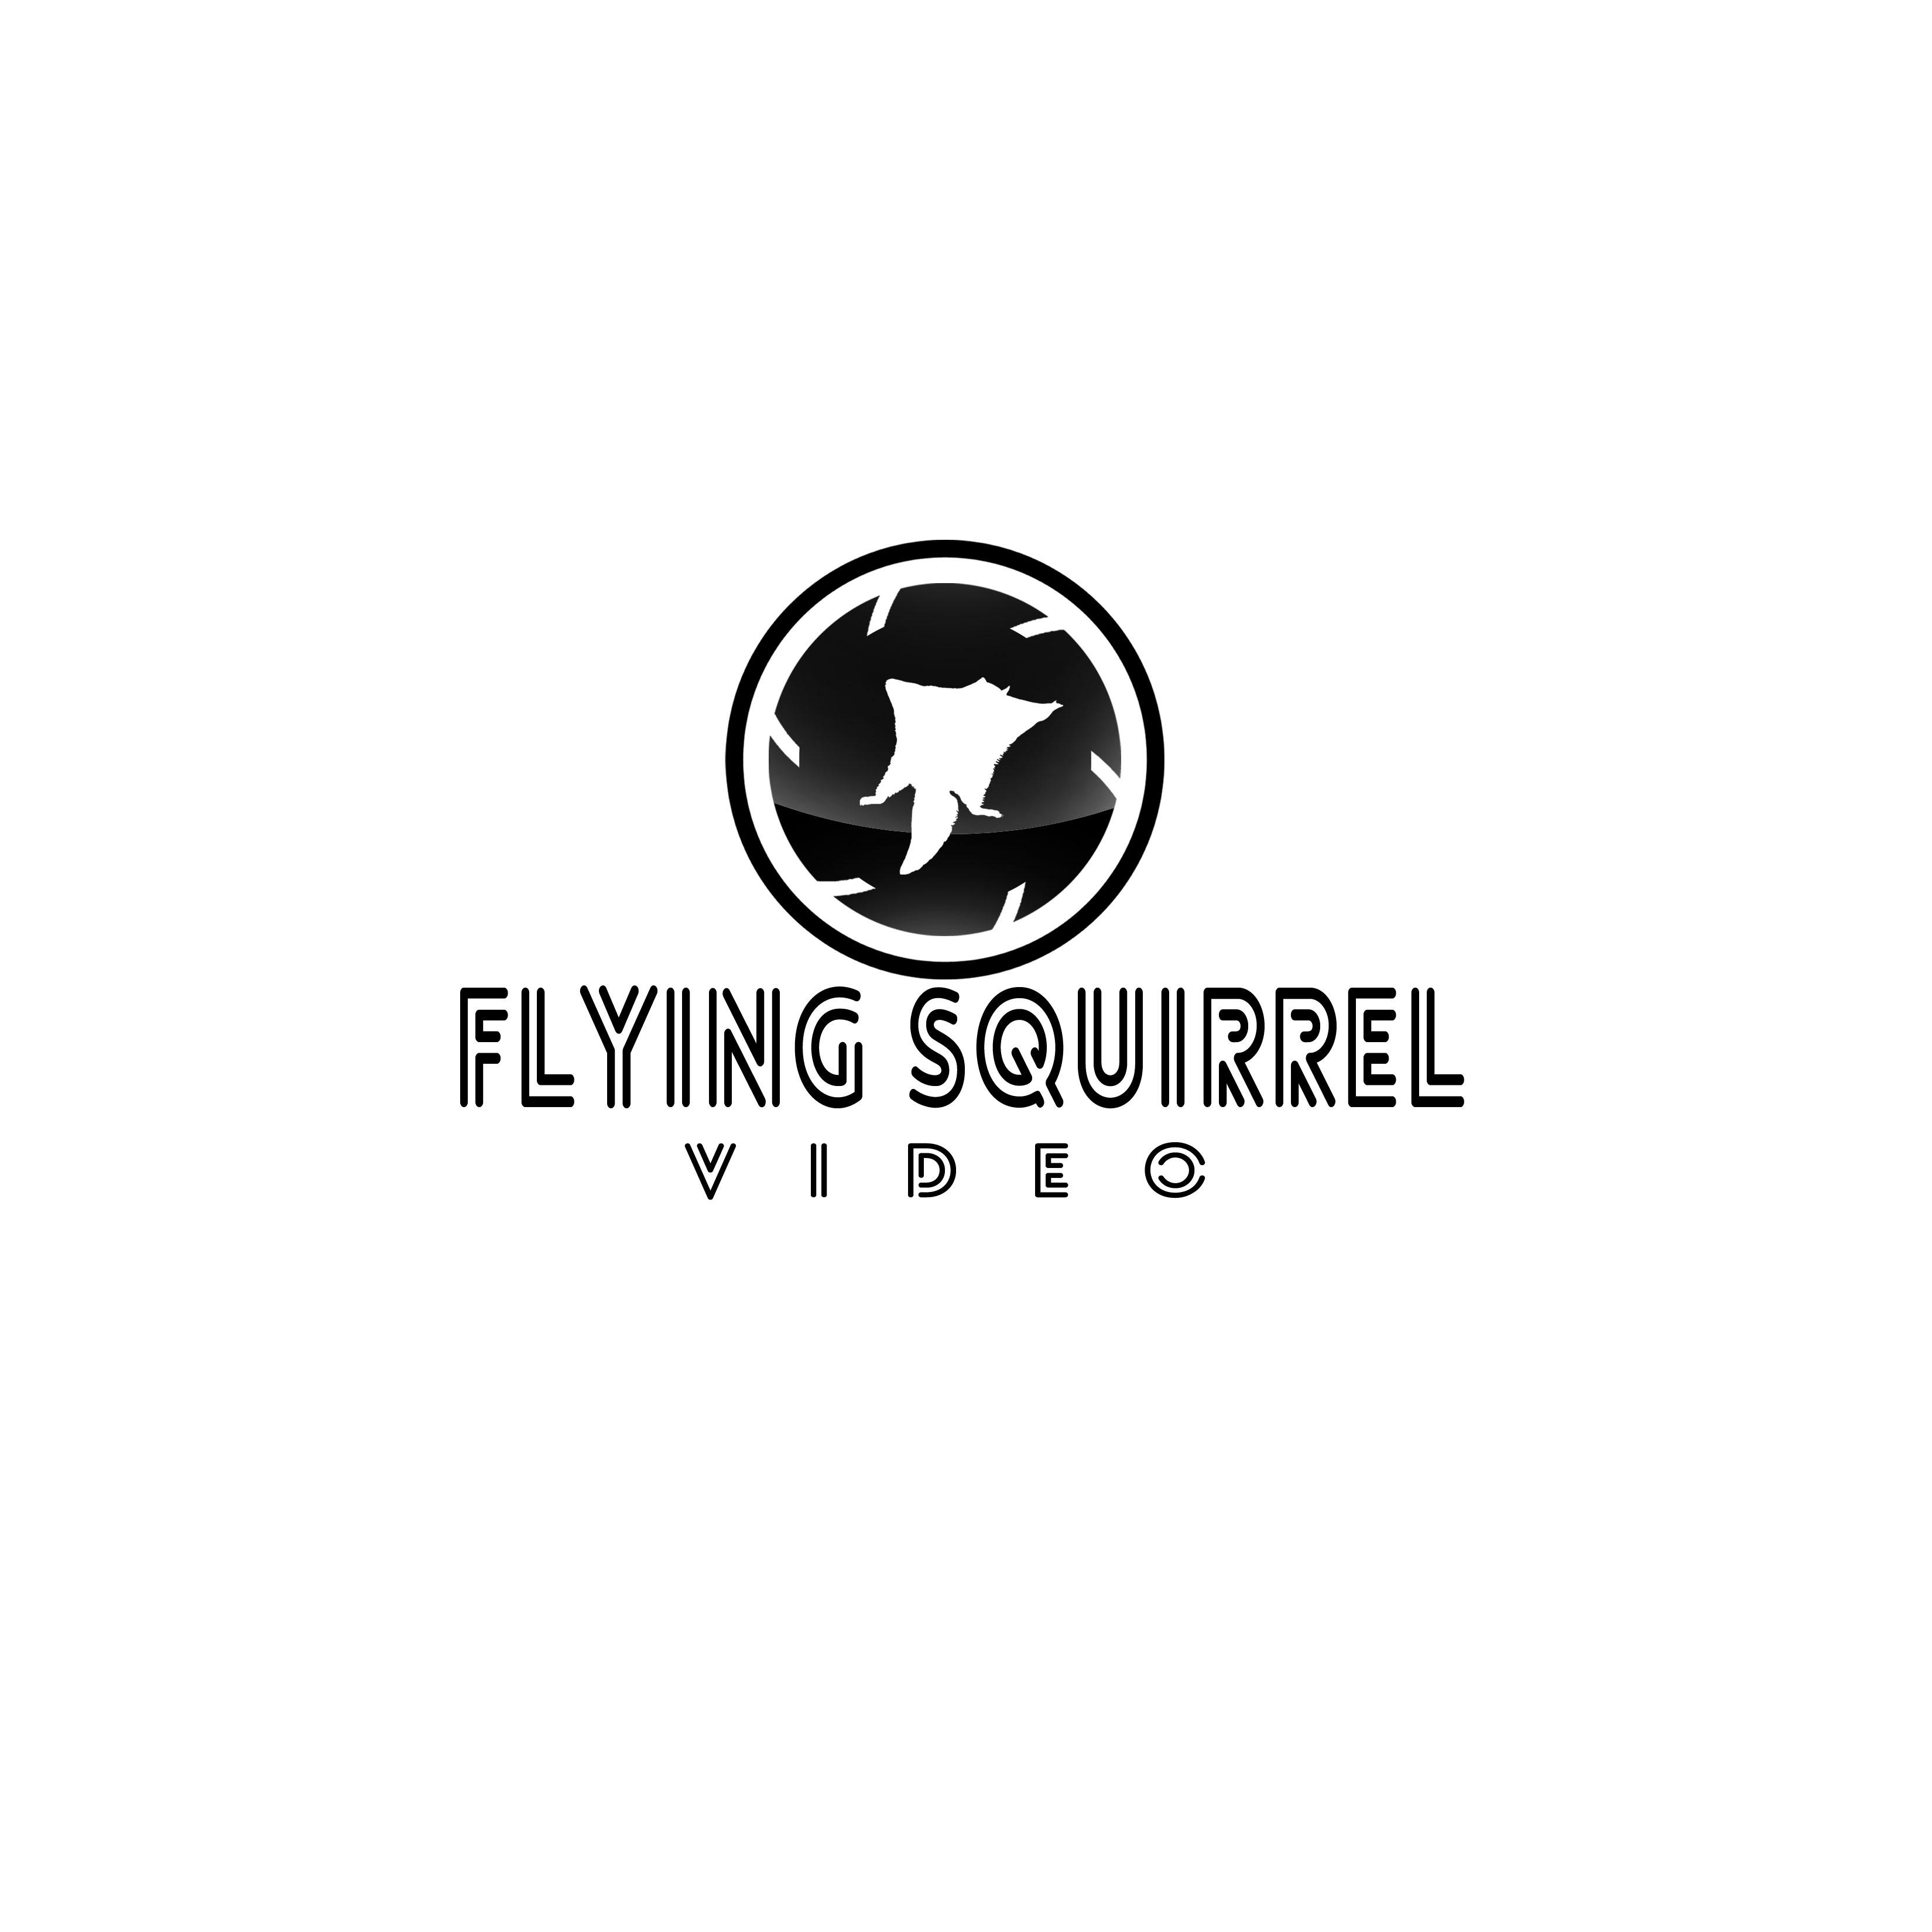 Logo Design by Allan Esclamado - Entry No. 68 in the Logo Design Contest Artistic Logo Design for Flying squirrel video.